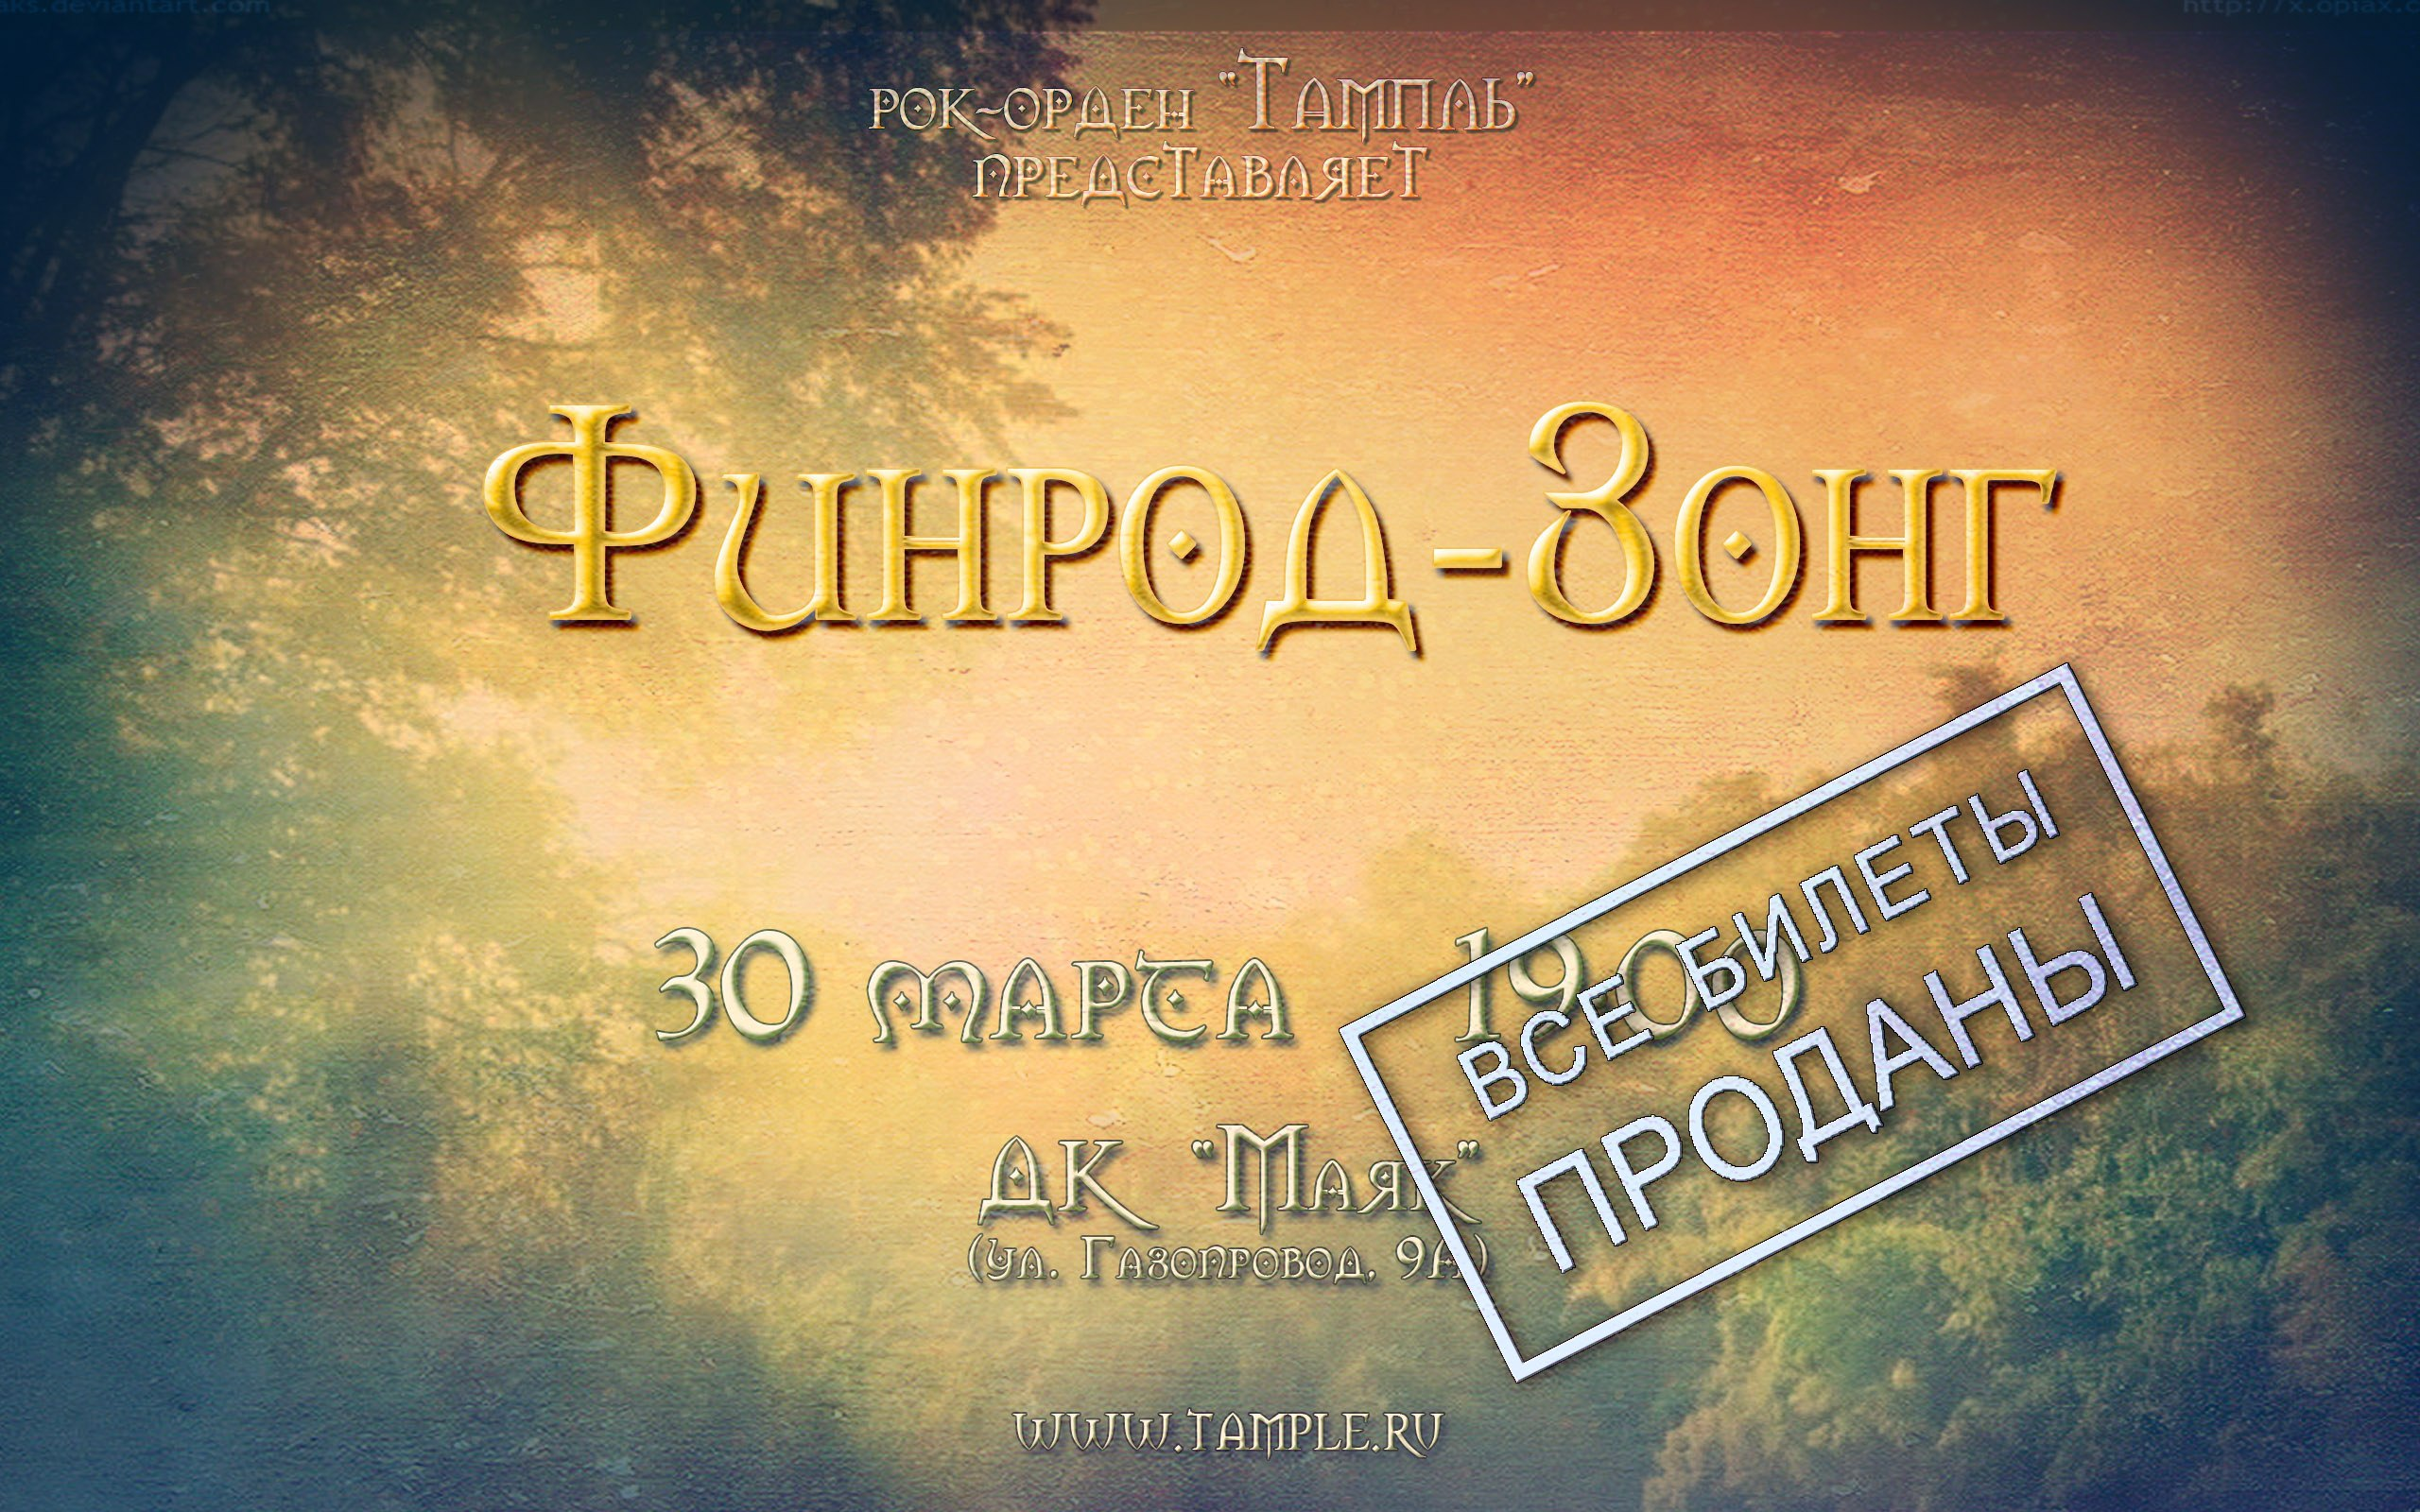 """6. """"Финрод-Зонг"""" 30 марта!"""